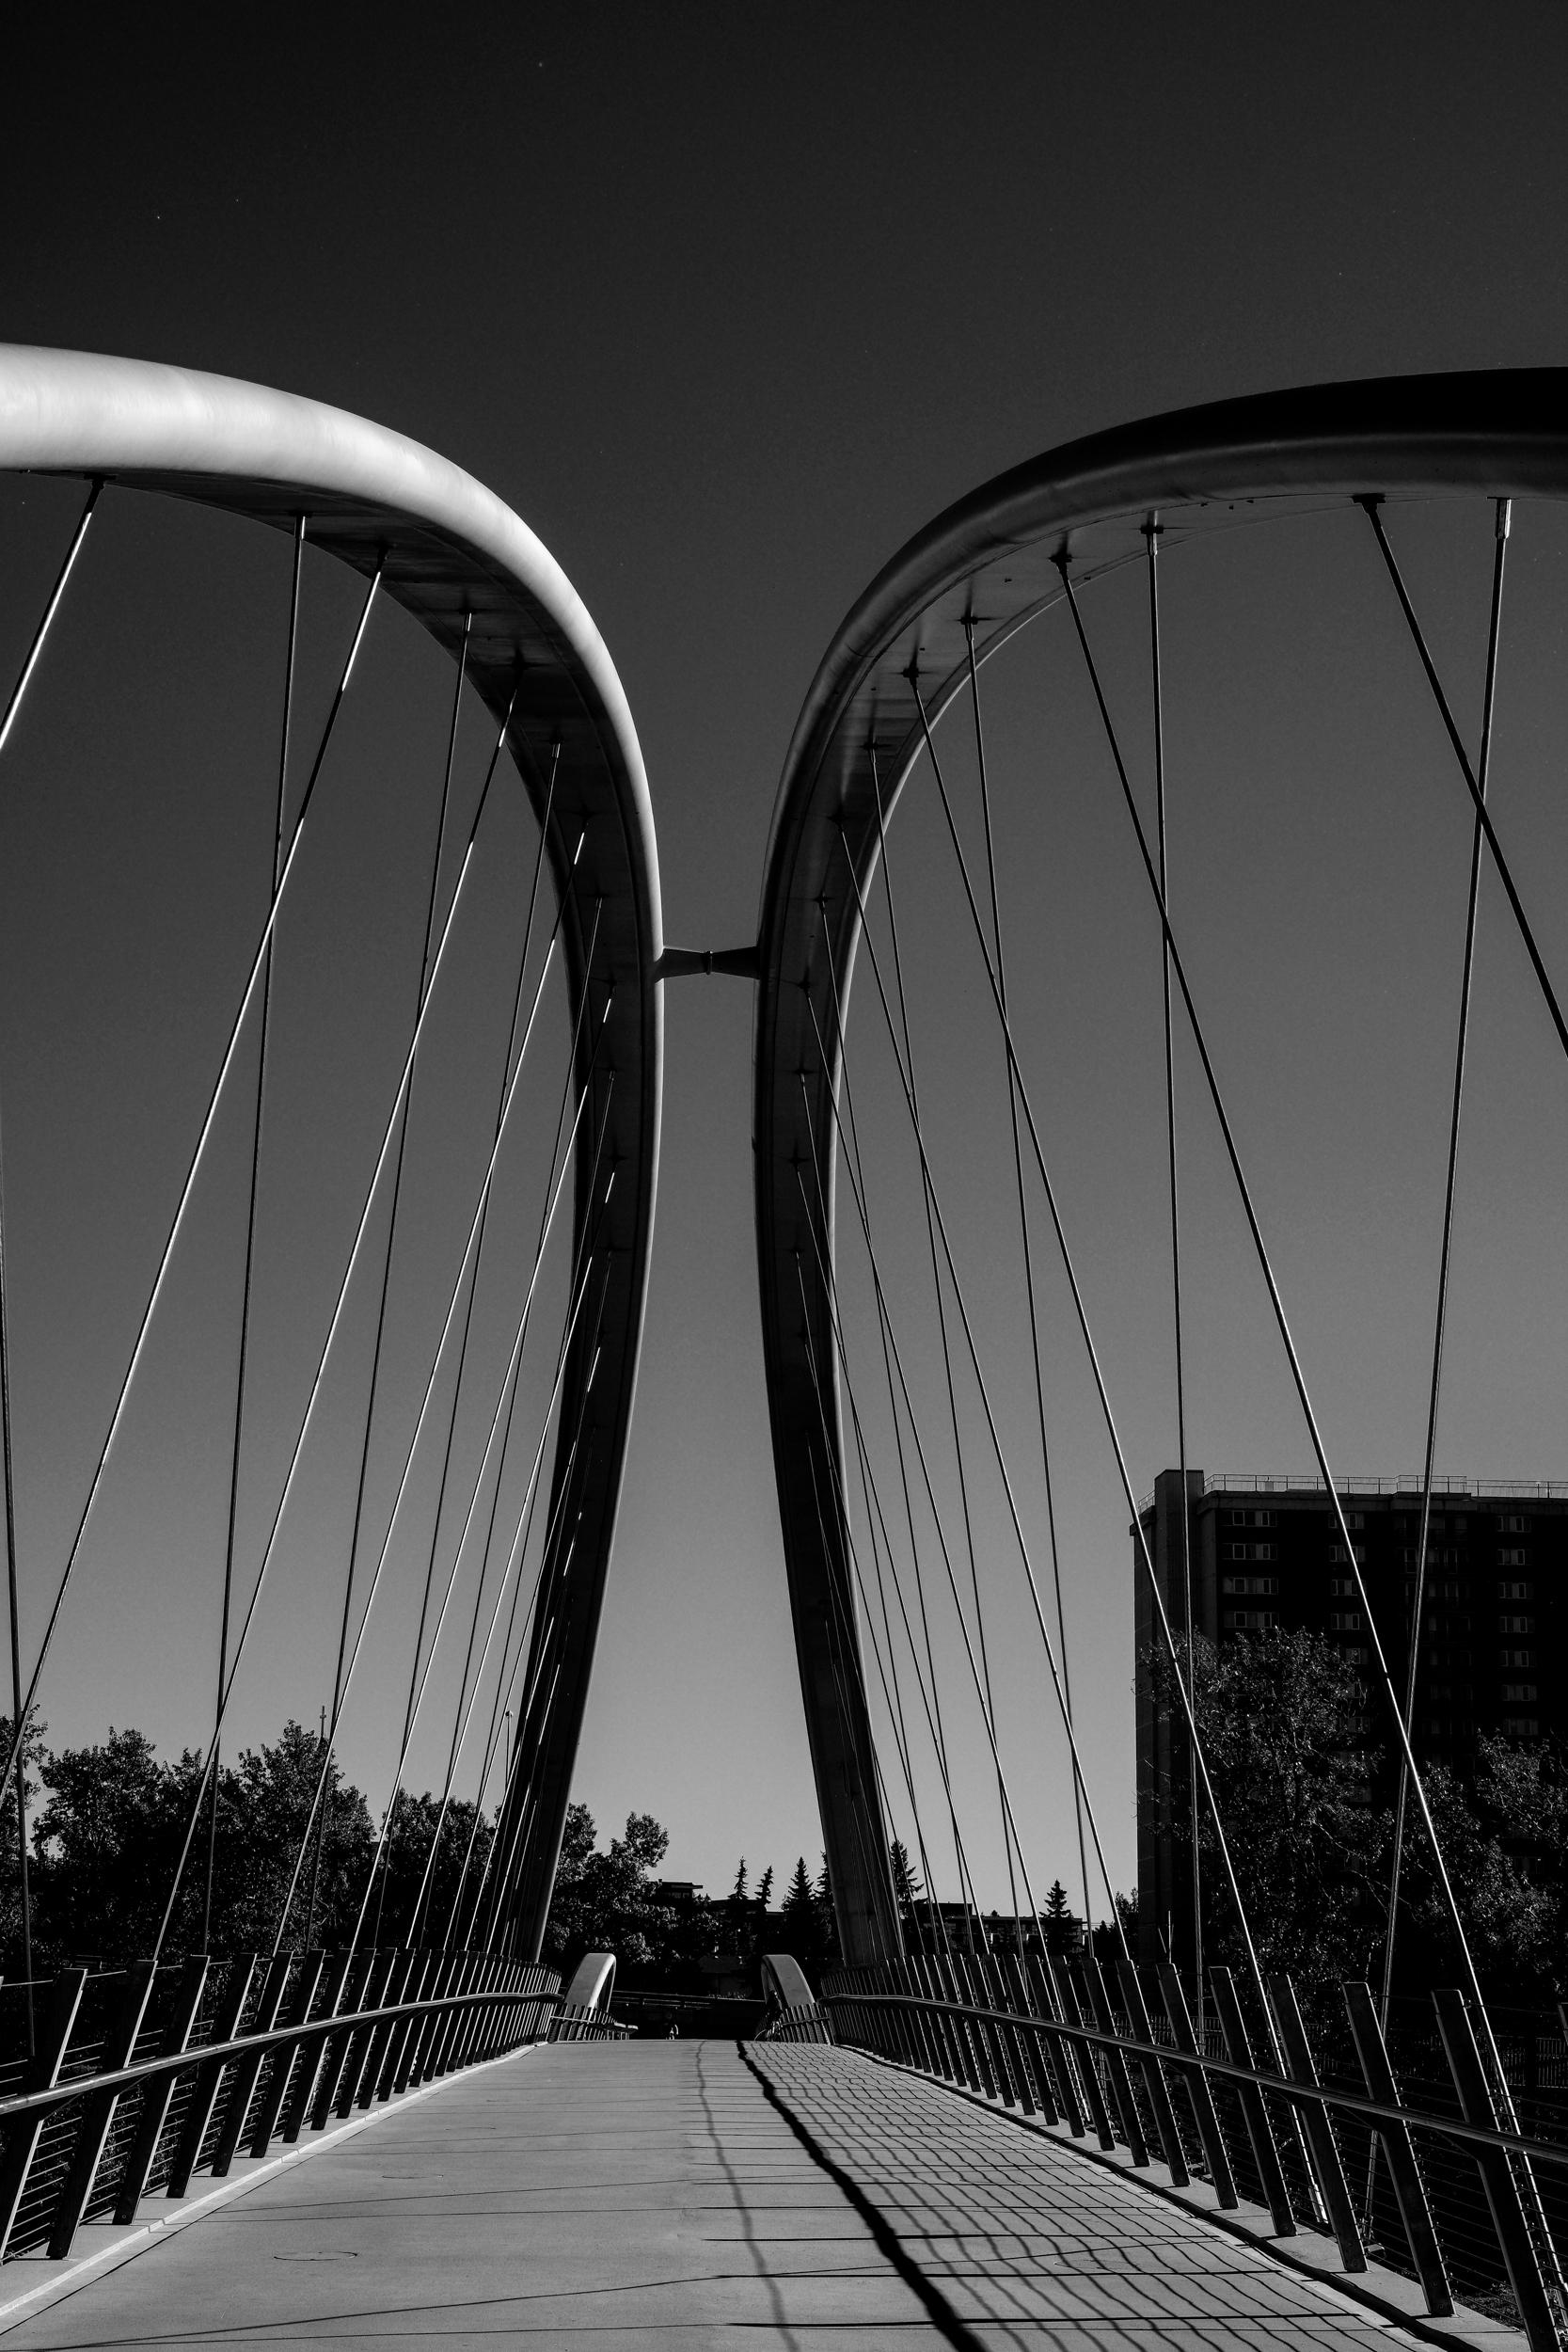 Pedestrian bridge Bow River, Ca - johnnyg_photography | ello